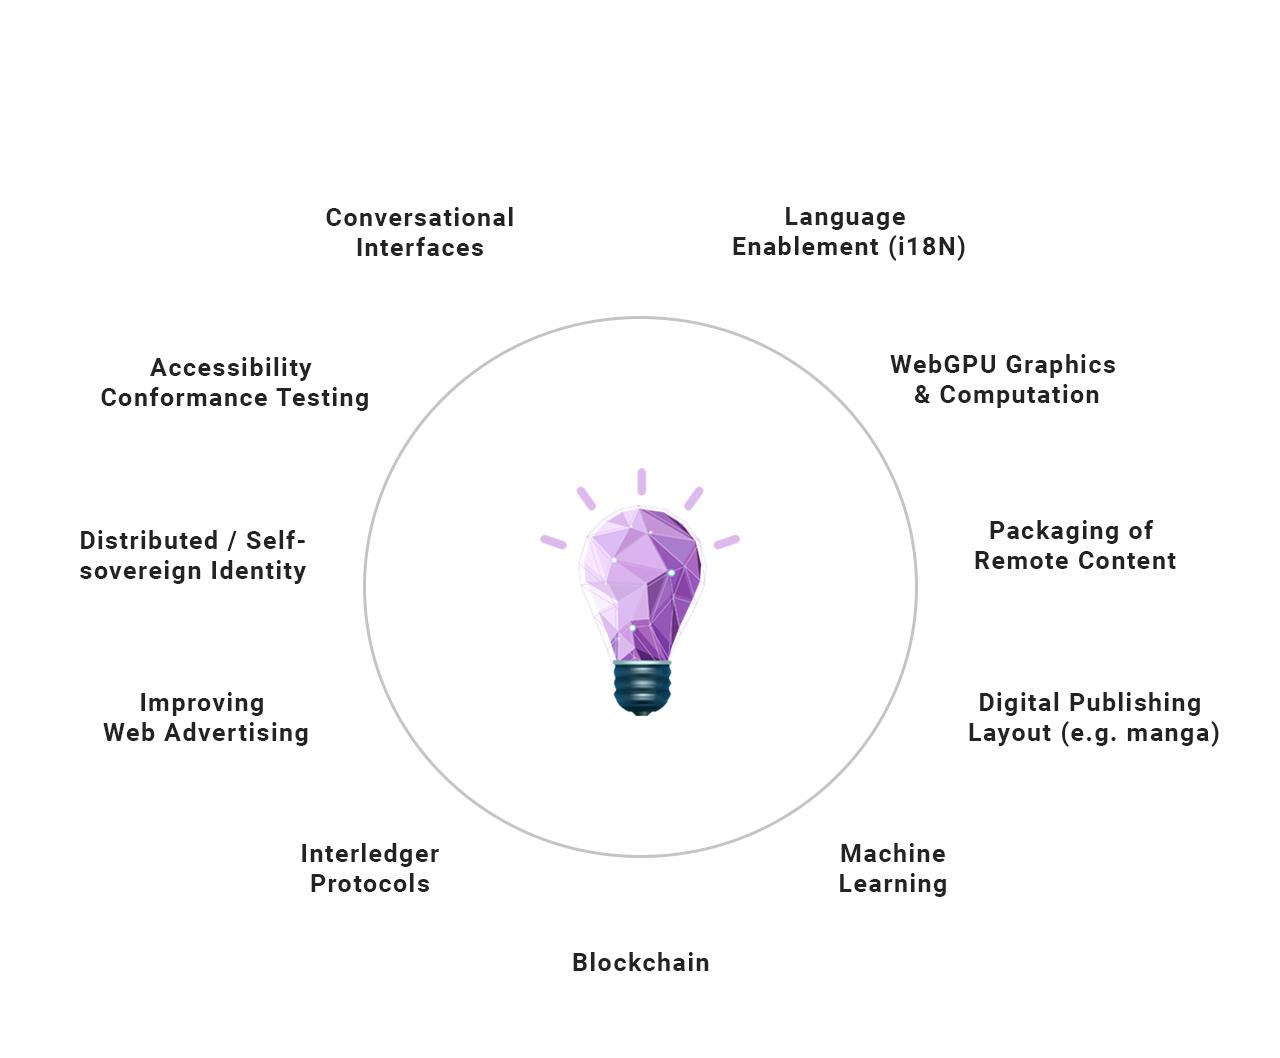 Innováció (villanykörte), ahogy a hírben indexképként megjelenik